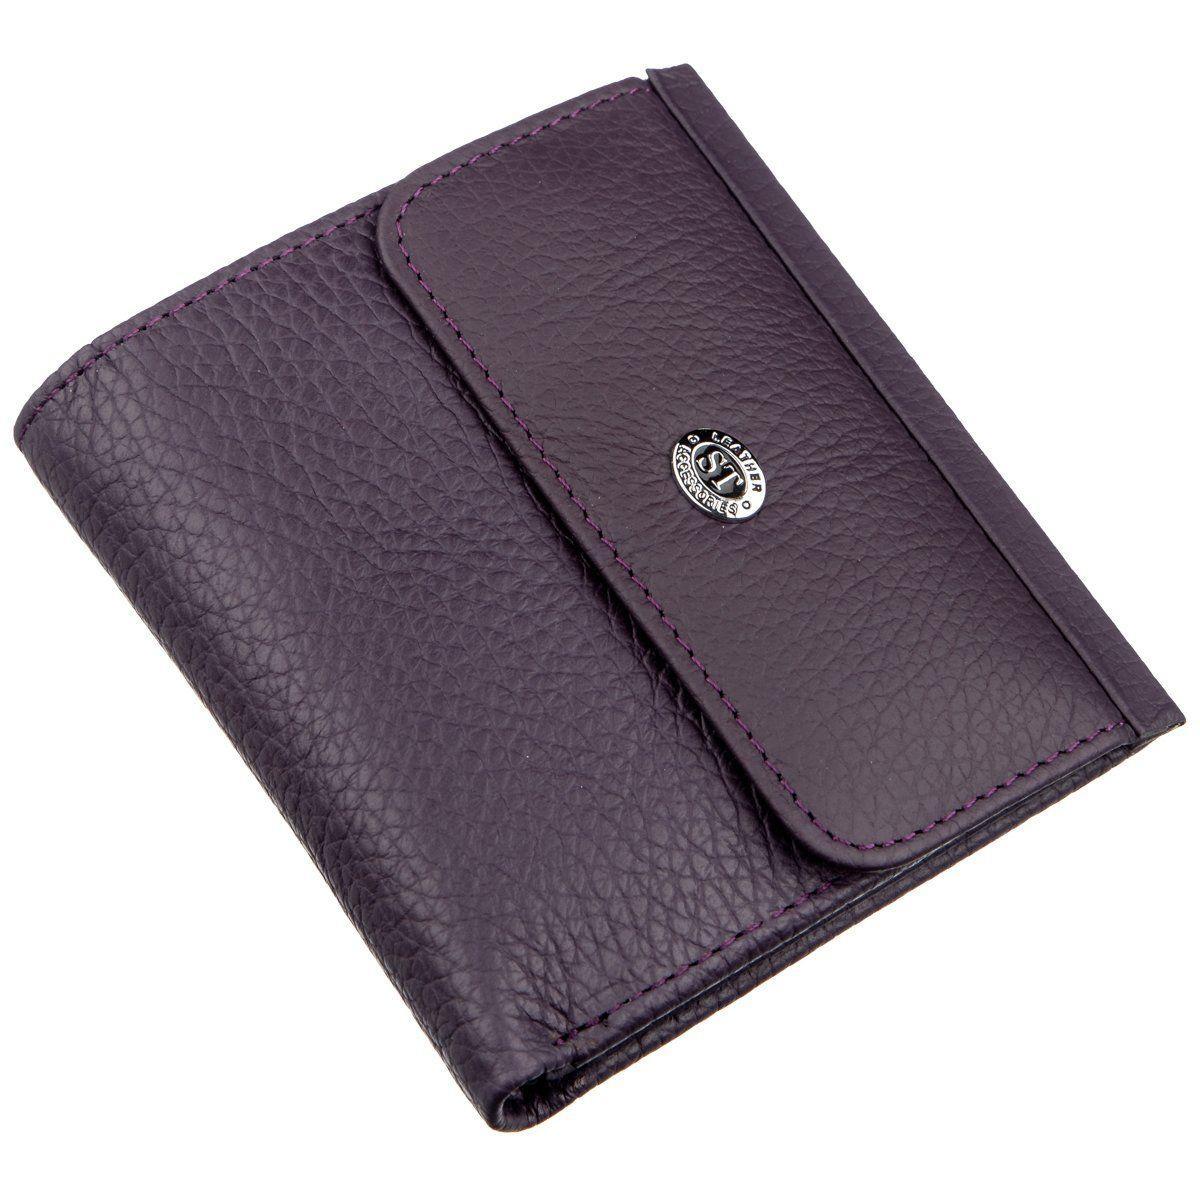 Компактное женское портмоне ST Leather 18916 Фиолетовый, Фиолетовый